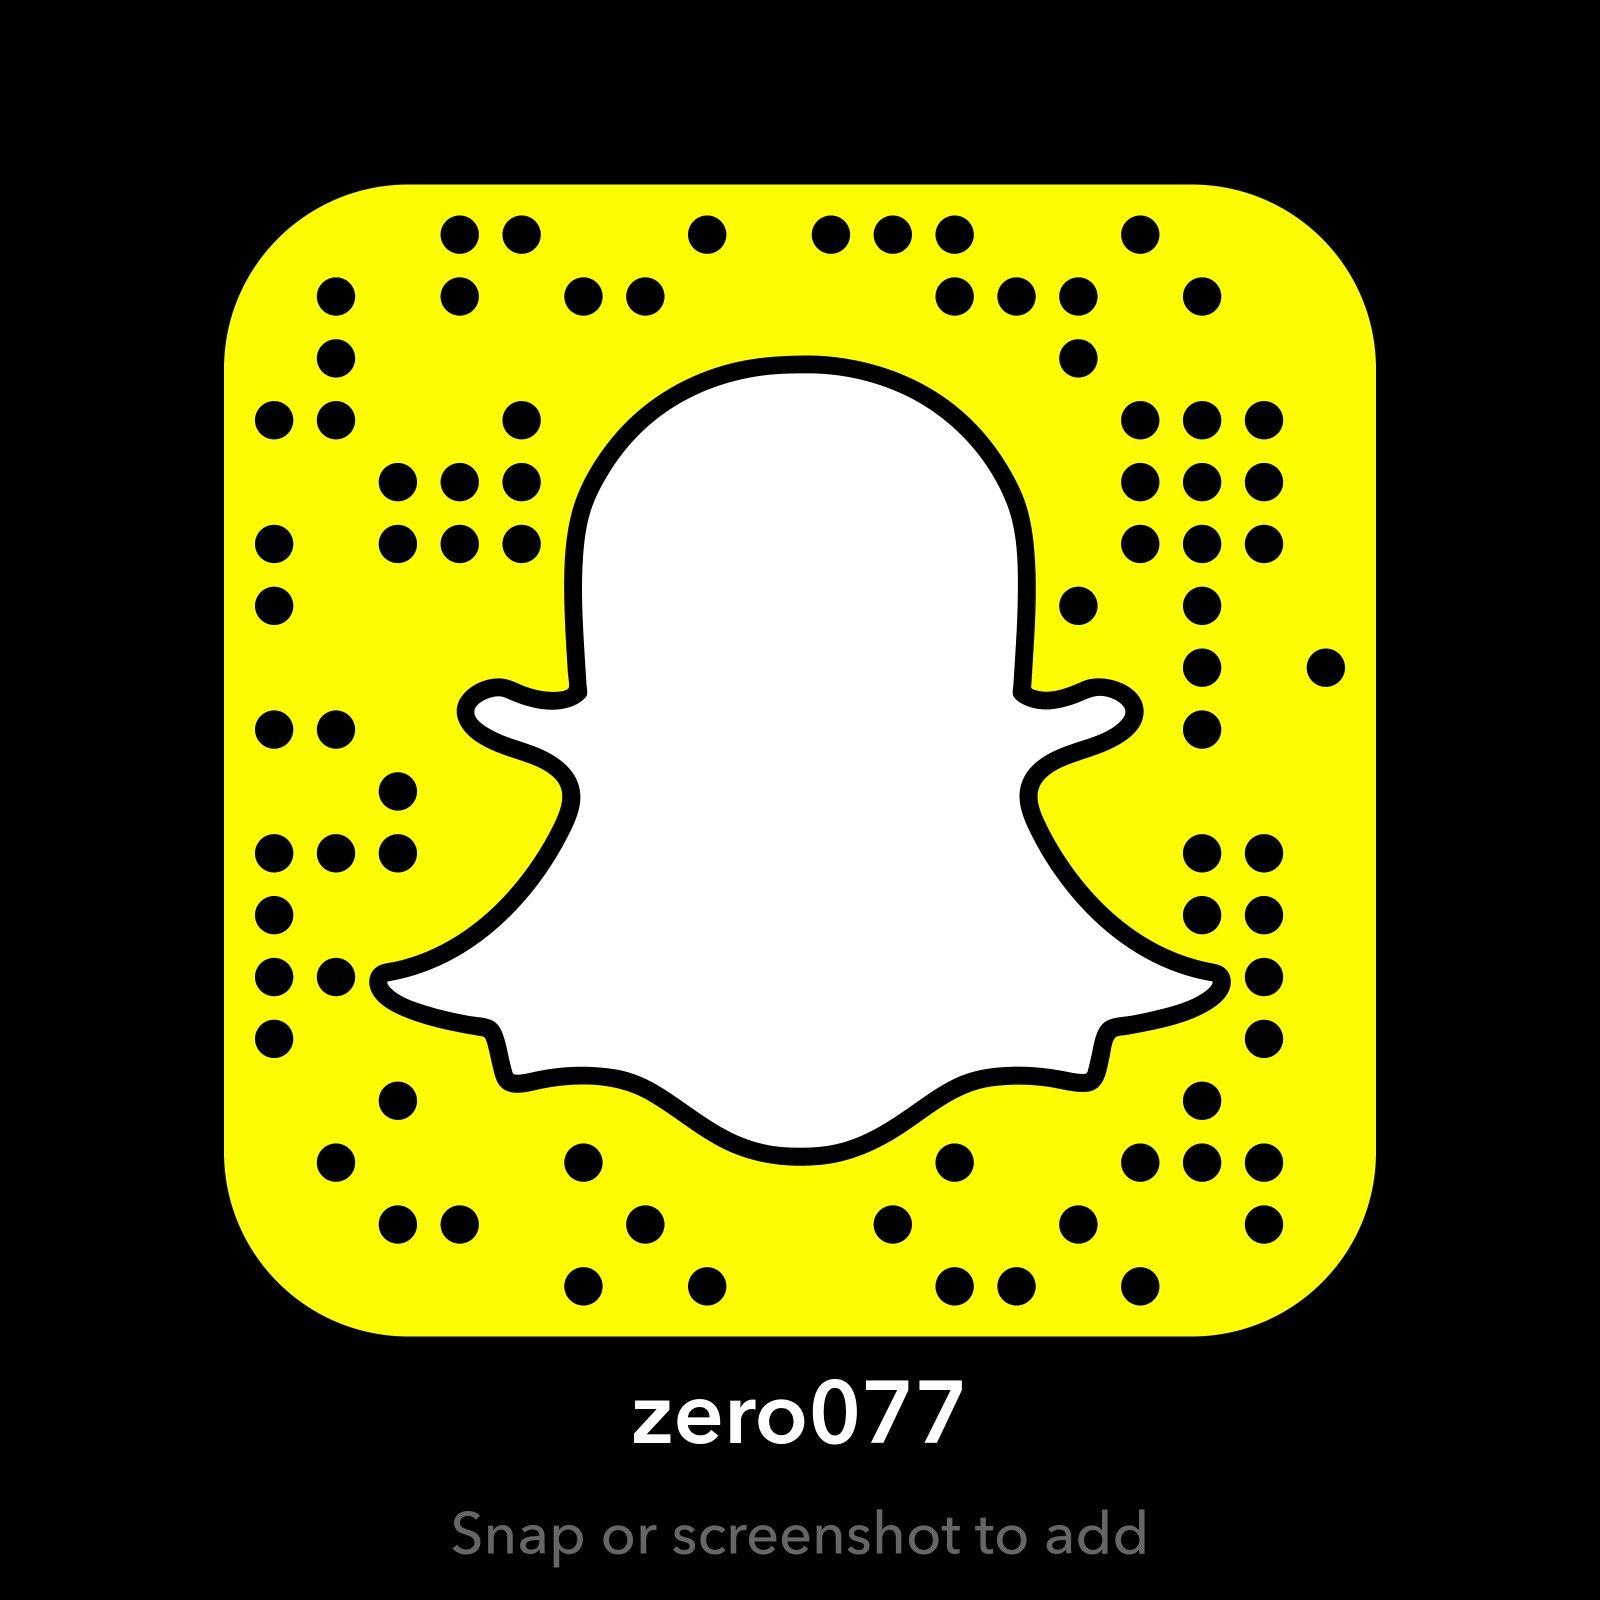 Oh snap snapchat snapchat users snapchat screenshot